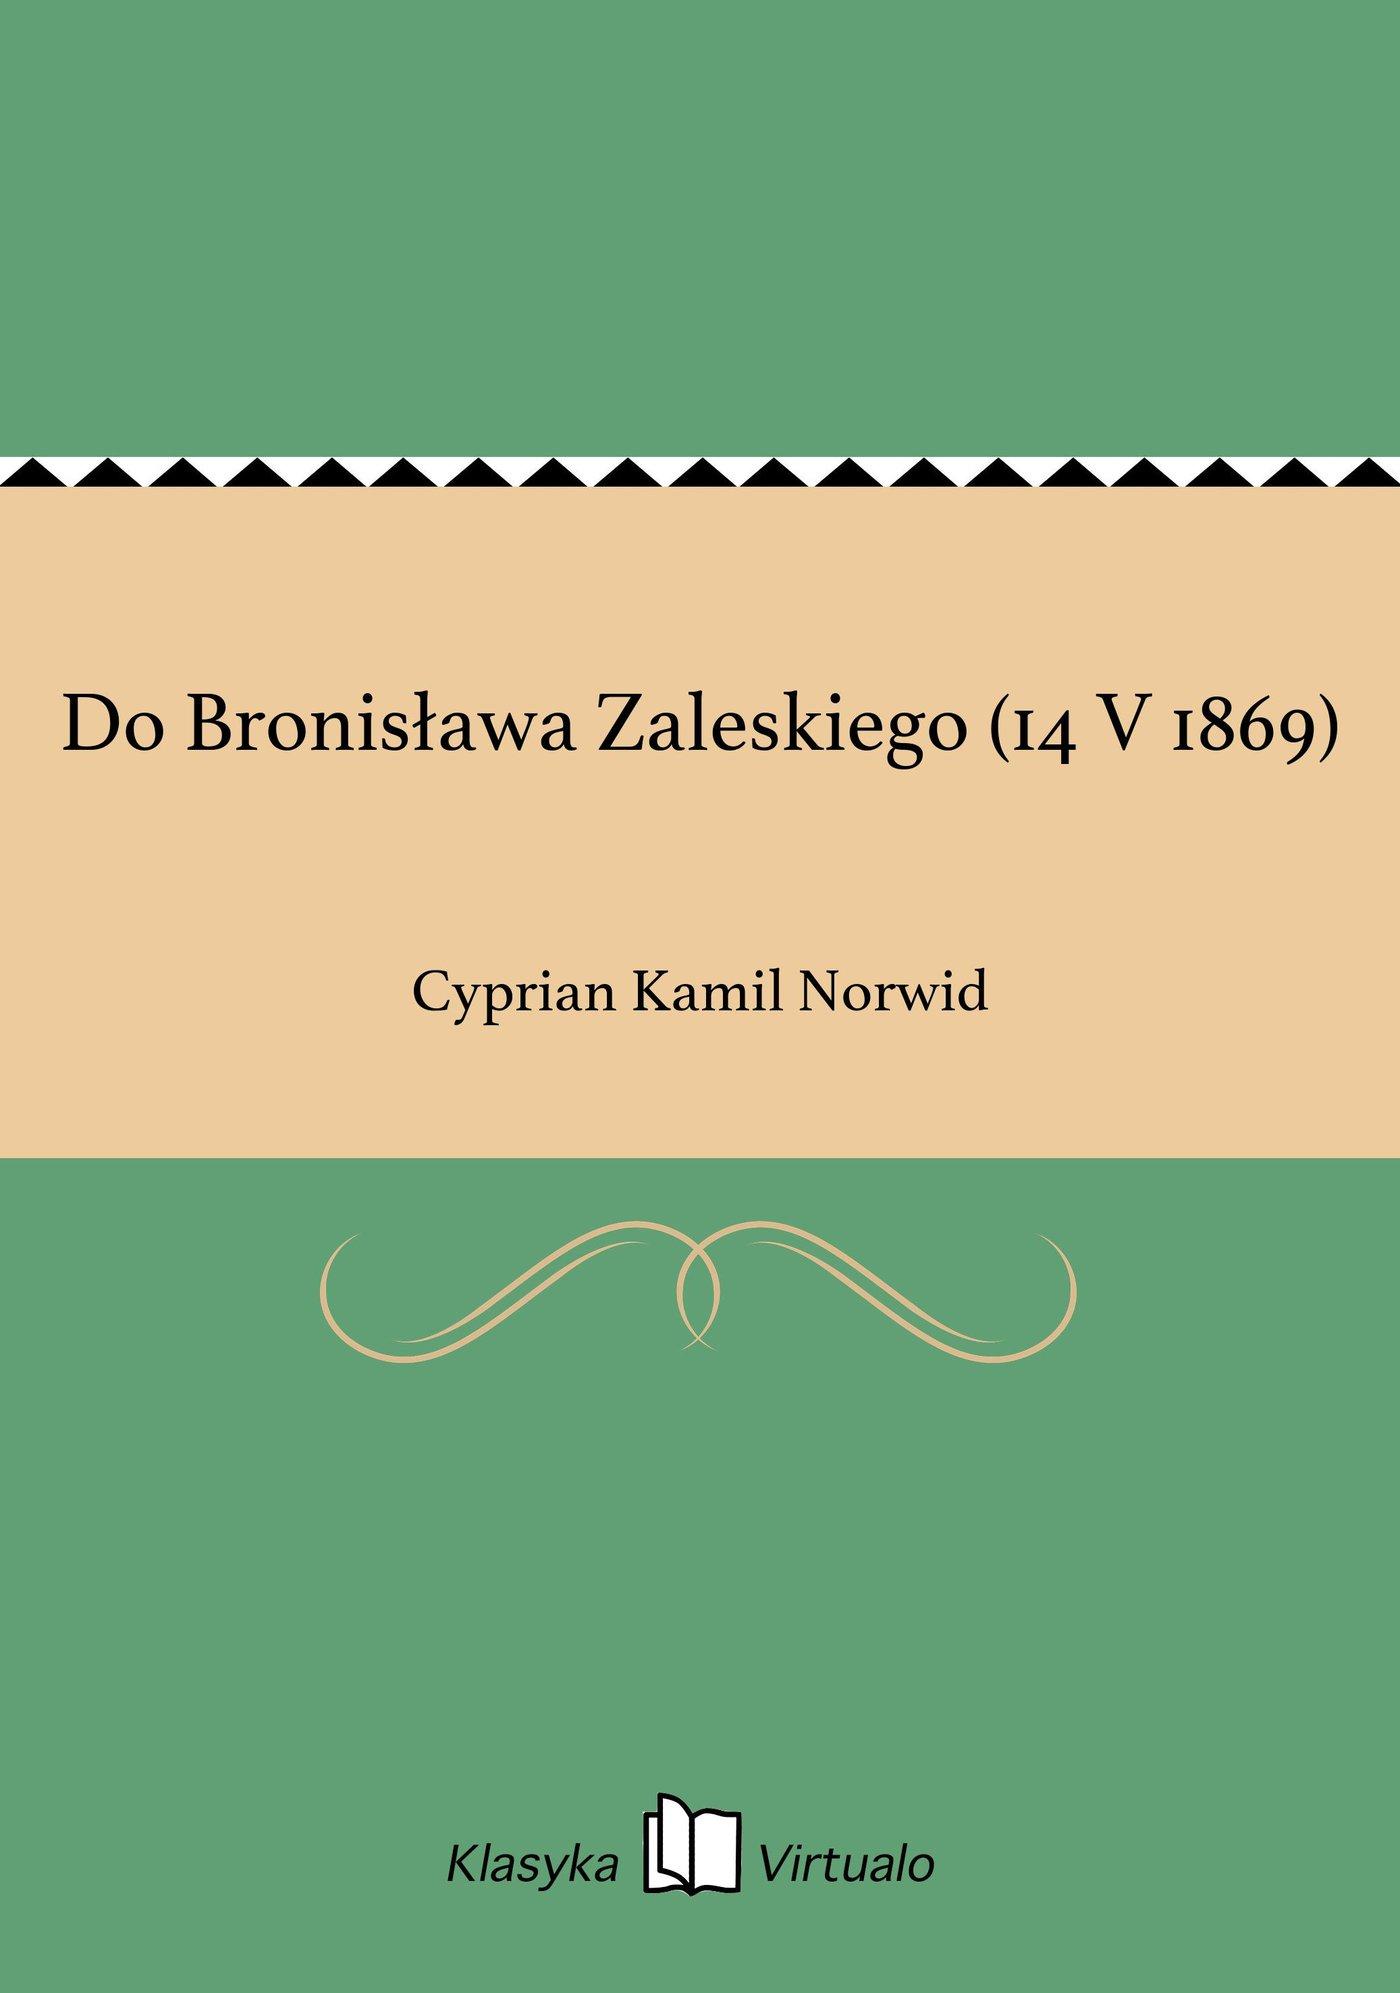 Do Bronisława Zaleskiego (14 V 1869) - Ebook (Książka EPUB) do pobrania w formacie EPUB